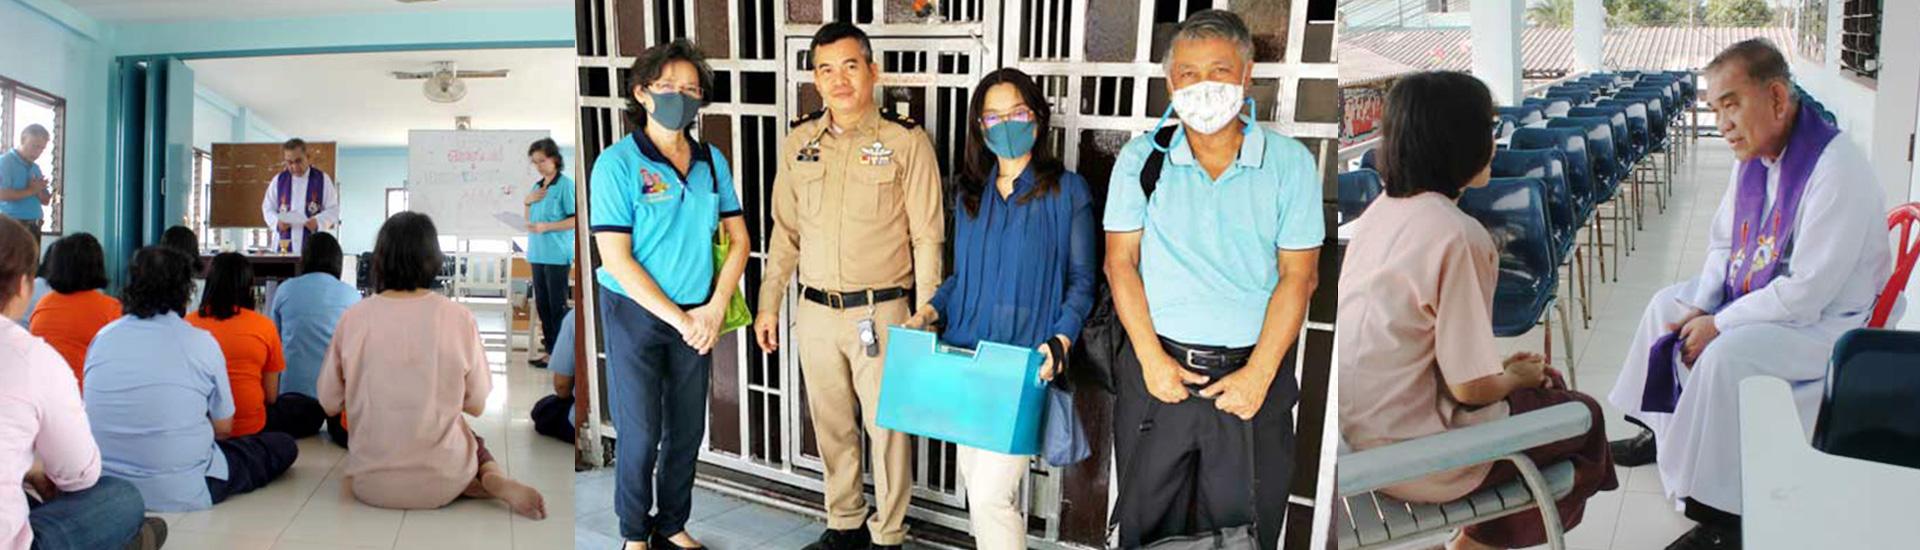 Atención y acompañamiento salesiano en las cárceles de Tailandia